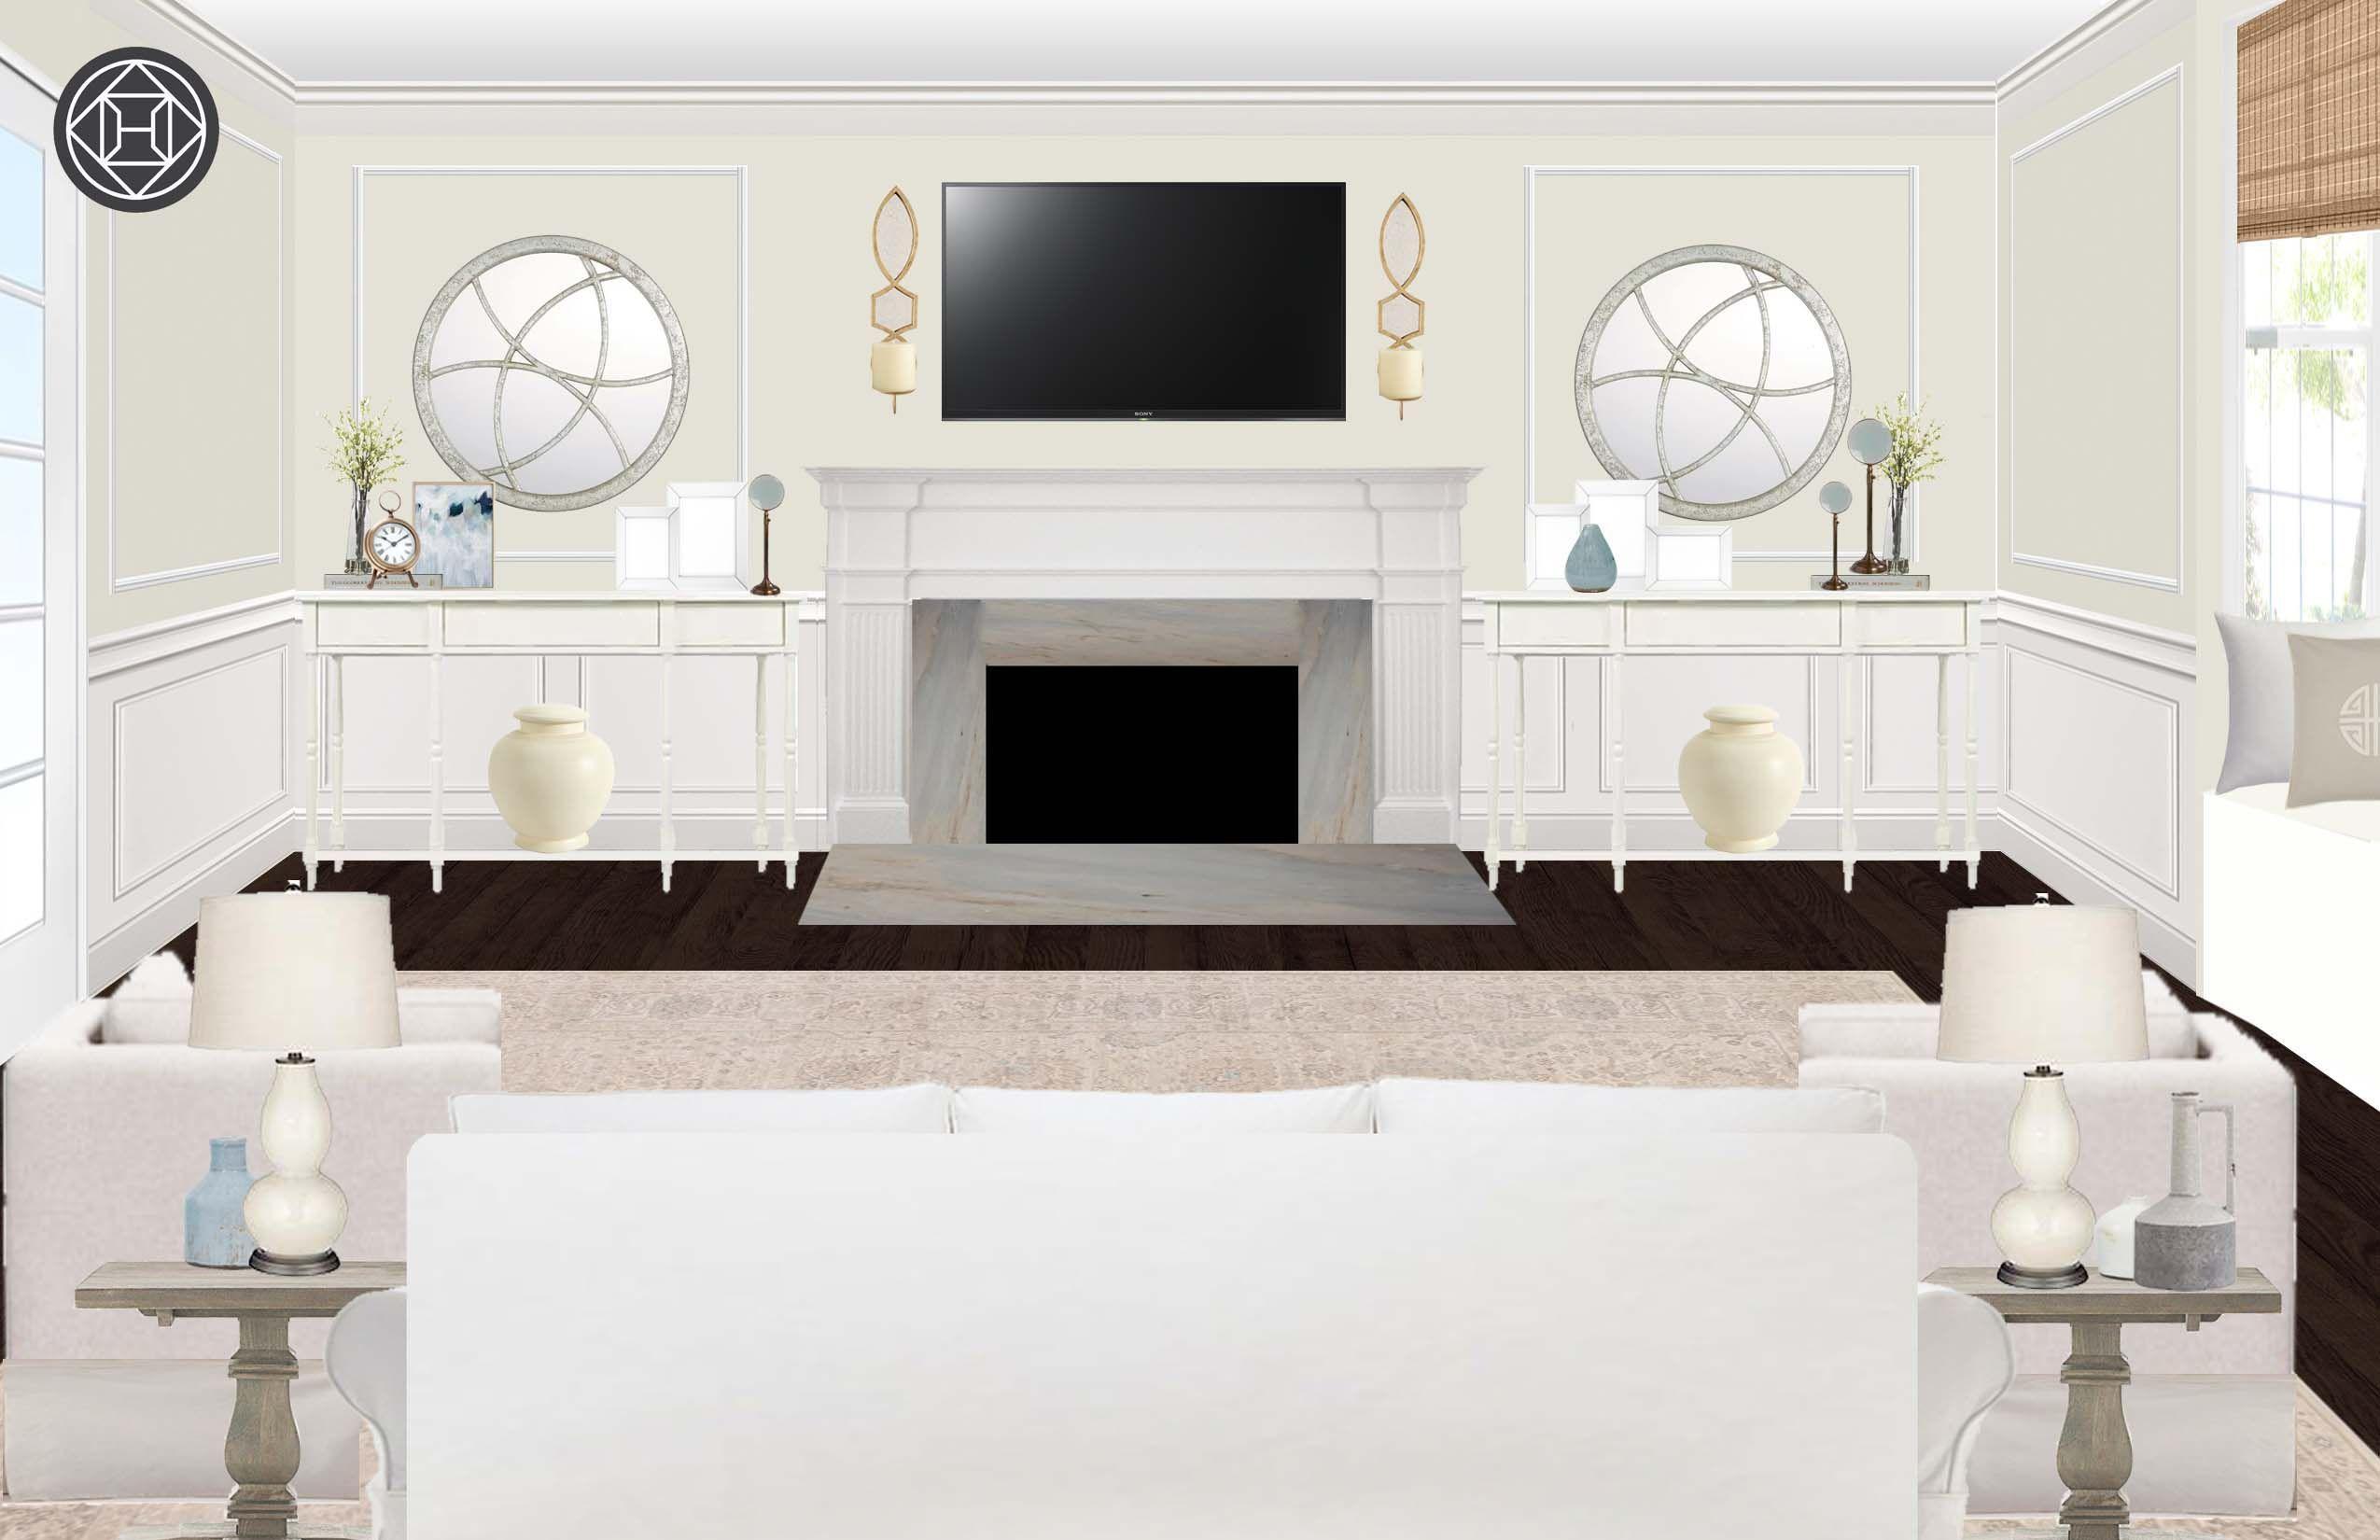 Classic, Transitional Living Room Design by Havenly Interior Designer Lisa #havenlylivingroom Classic, Transitional Living Room by Havenly #havenlylivingroom